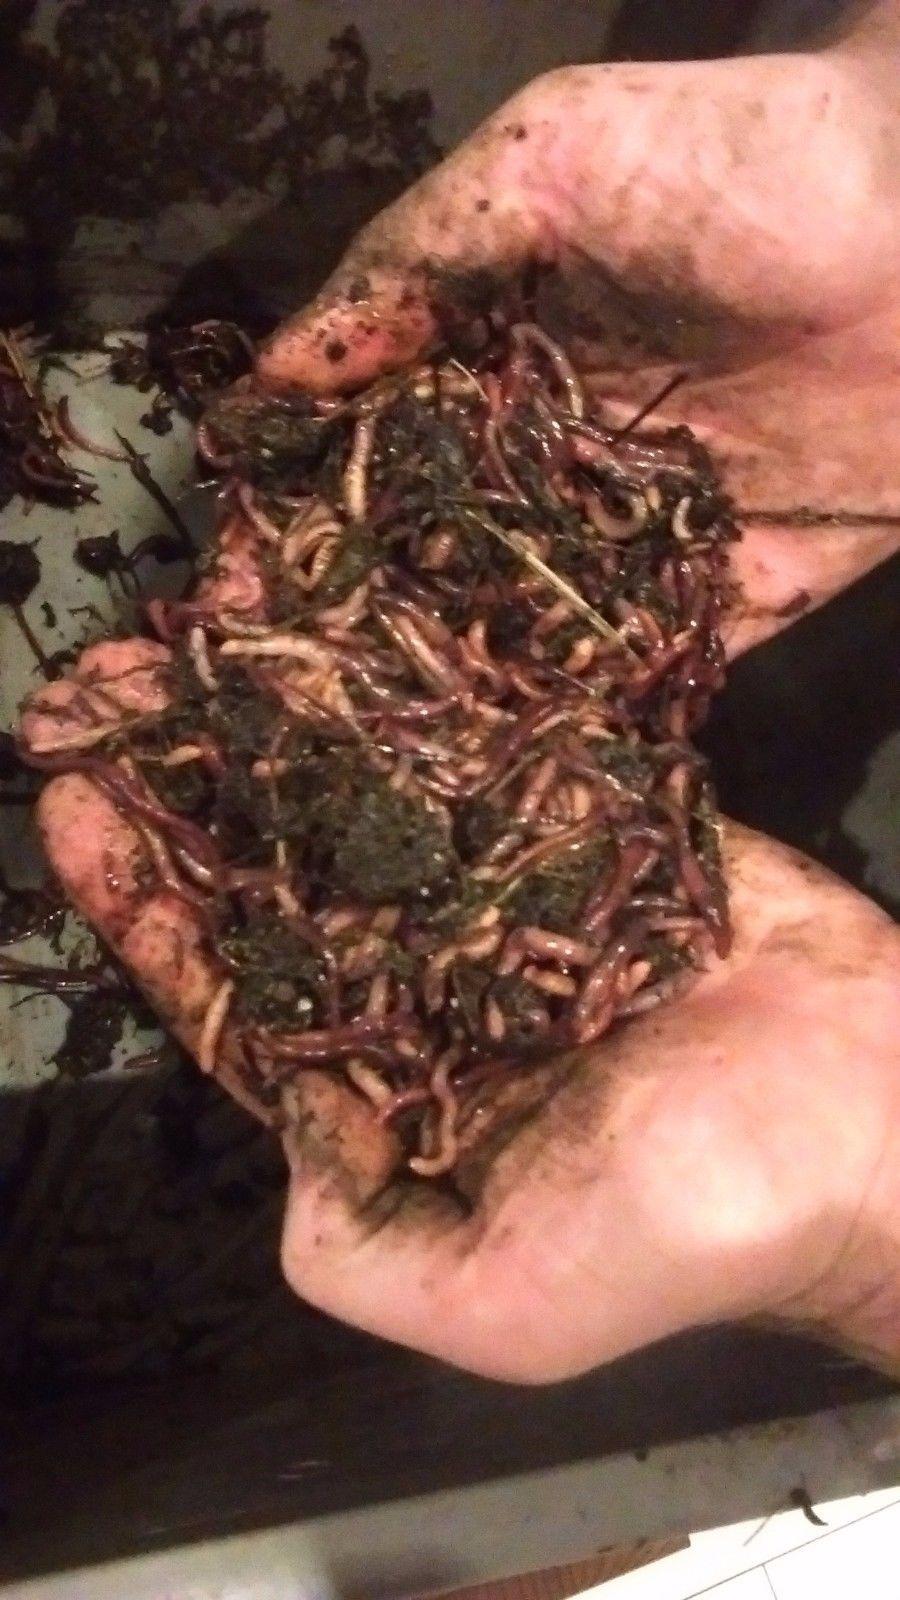 Kompostwürmer kompostwürmer gartenwürmer 1 kg gug umweltschutz und lebenshilfe